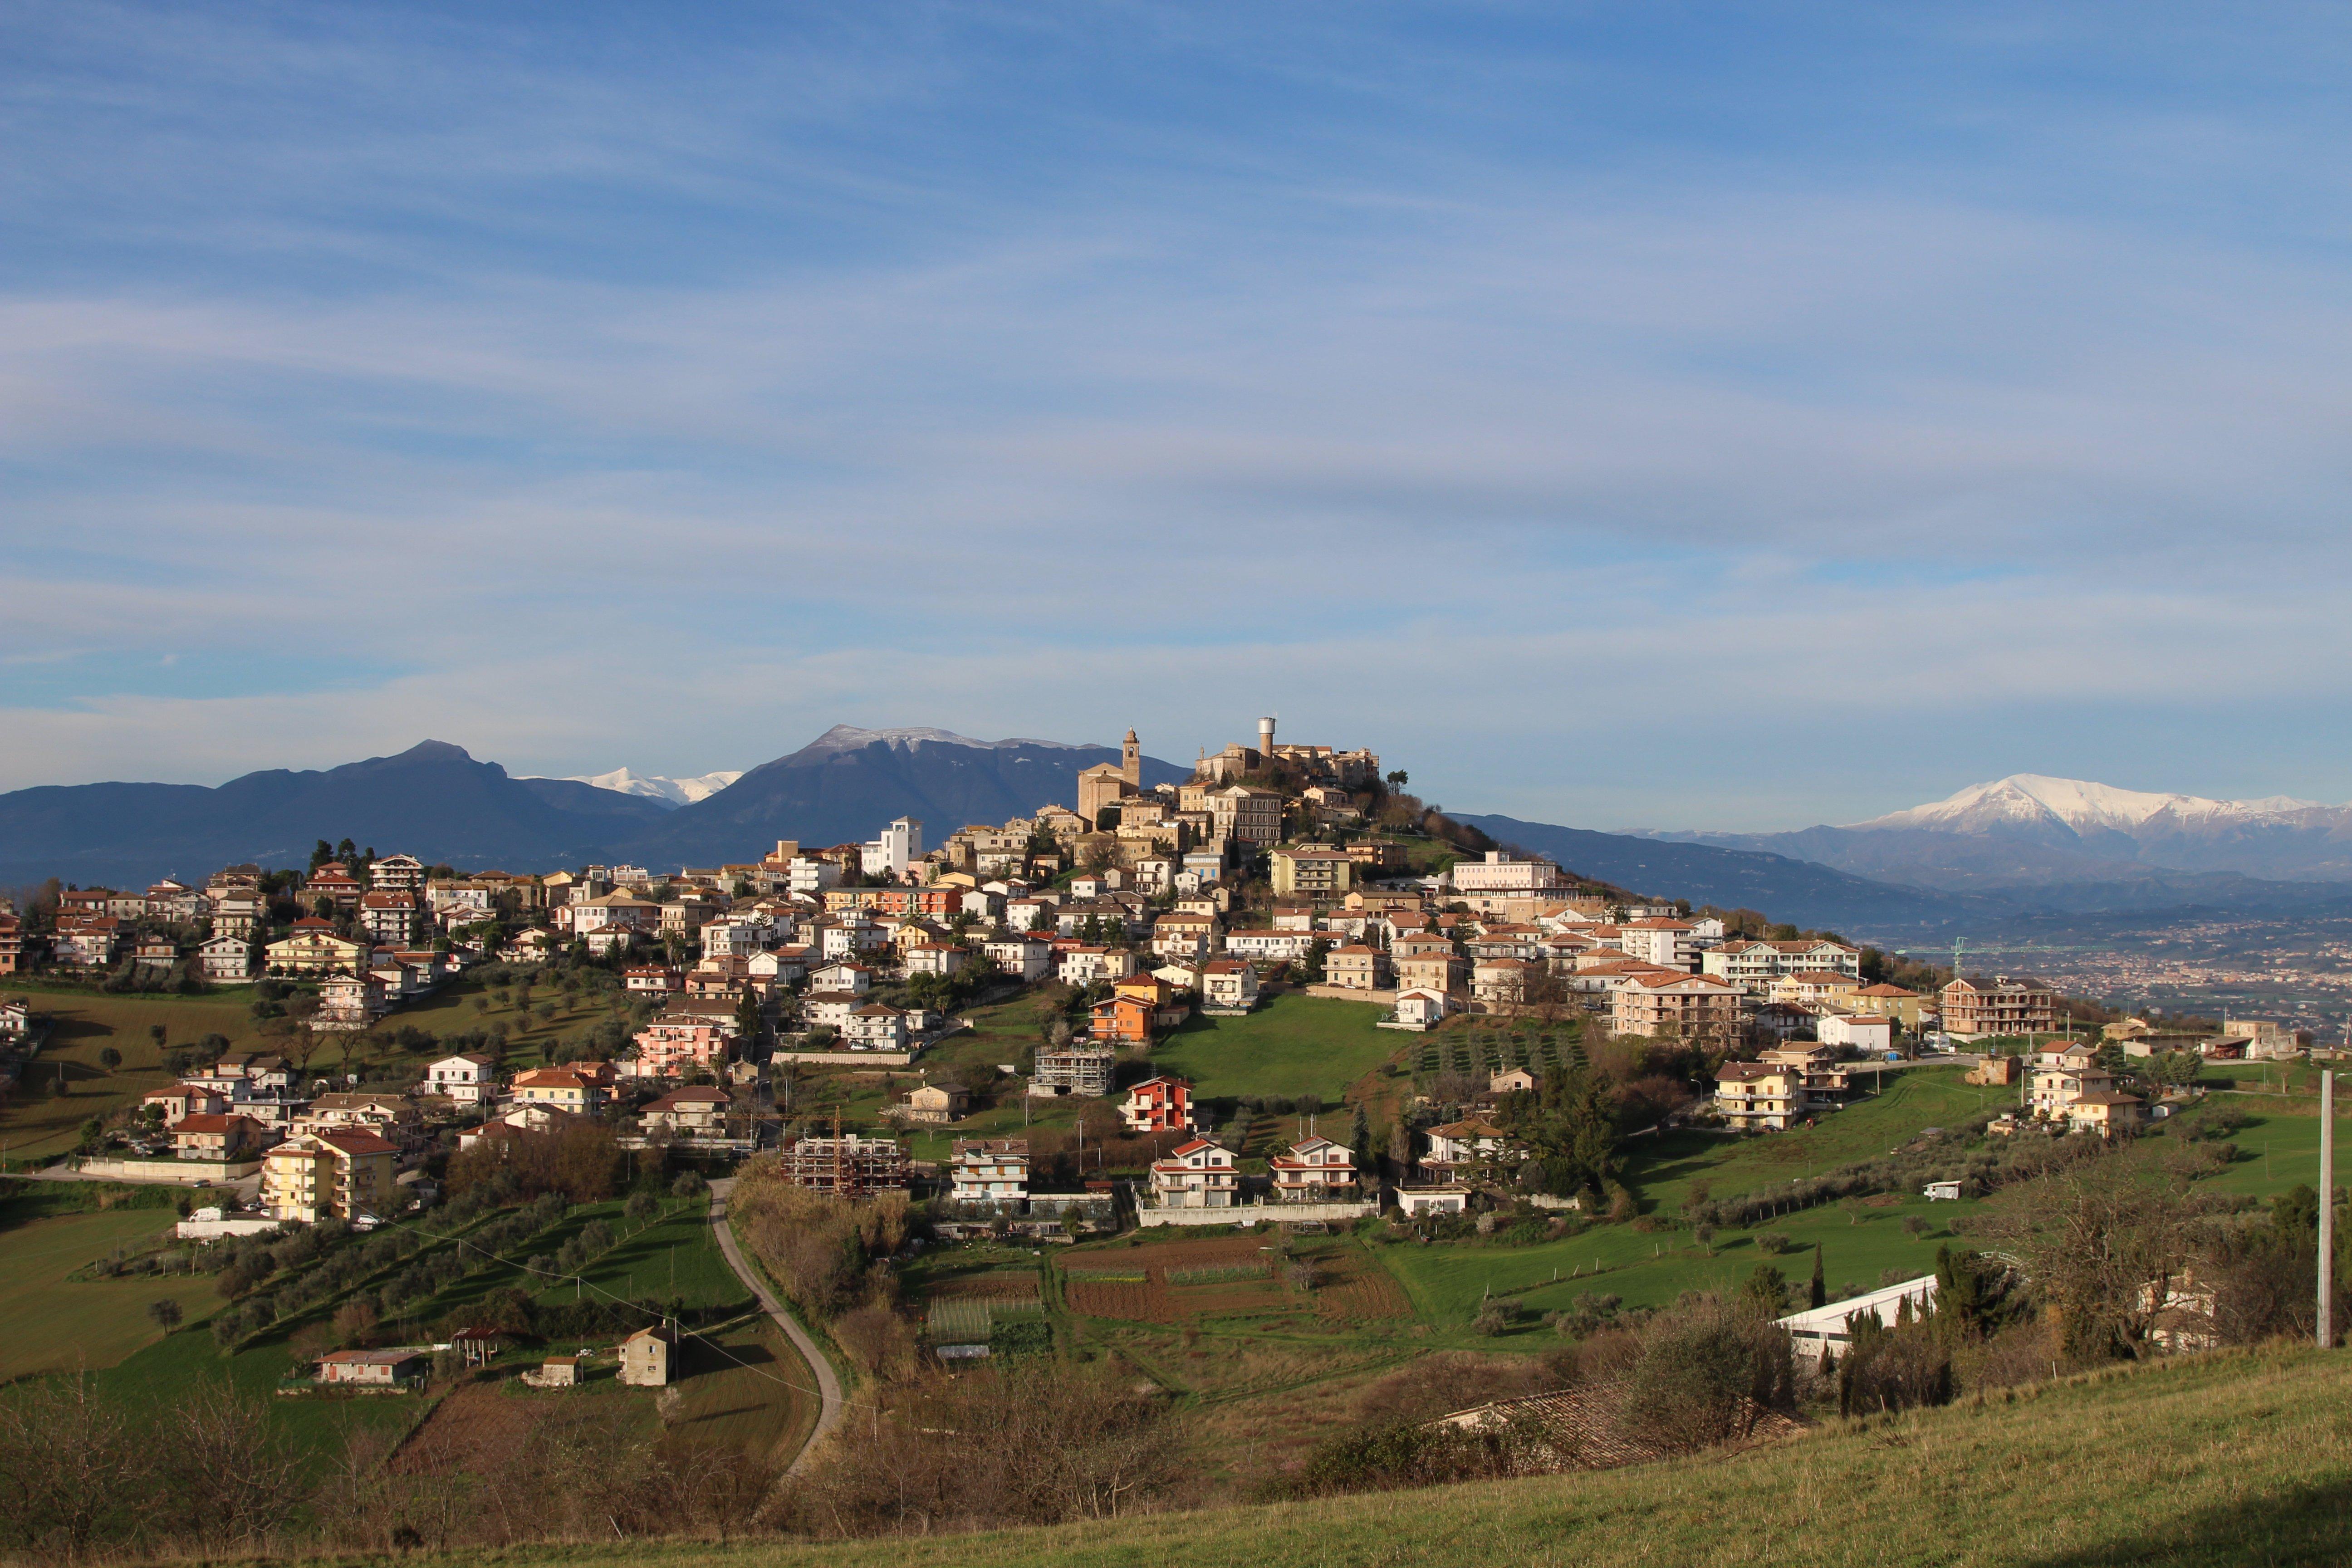 vallata con montagna innevata di sfondo e delle case